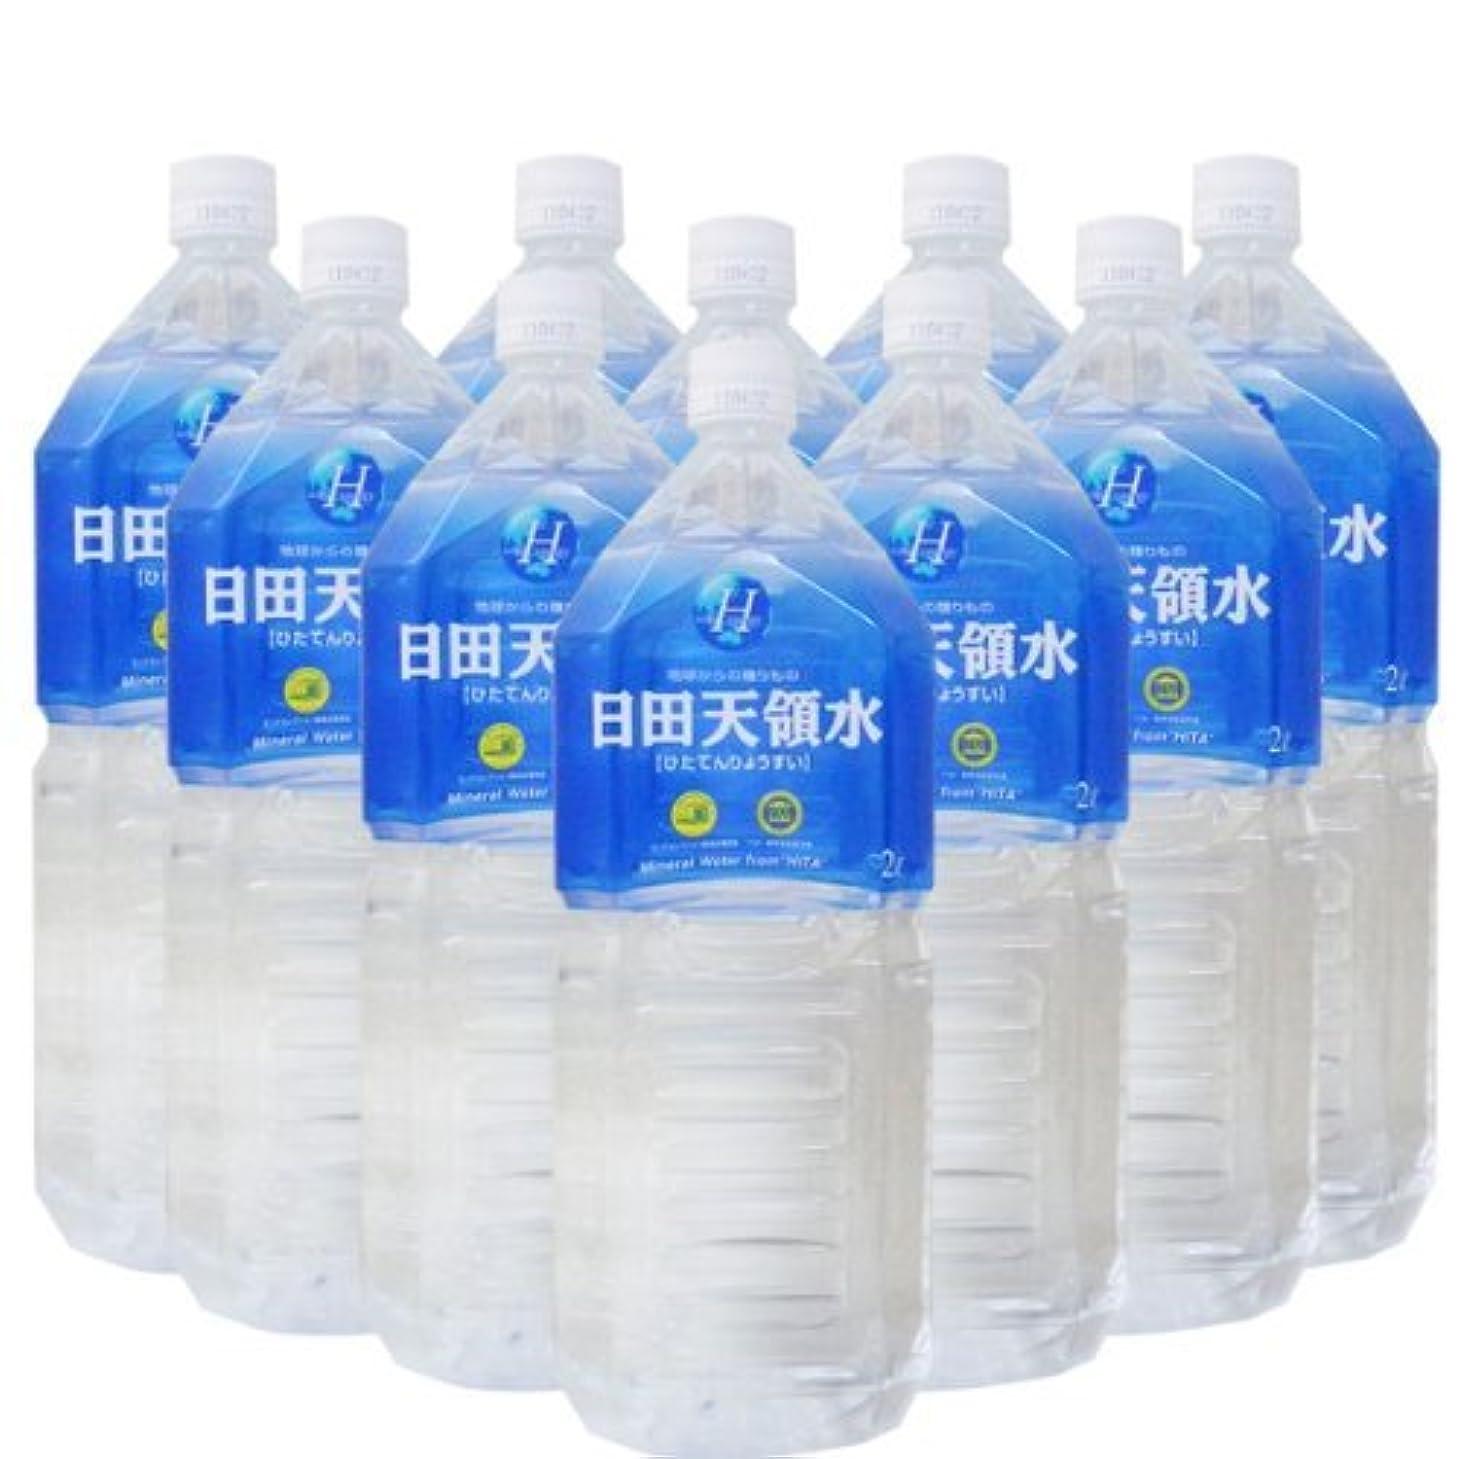 枯れる投票典型的な世界三大名水 「日田天領水」 2L×10本 (弱アルカリ性天然水)